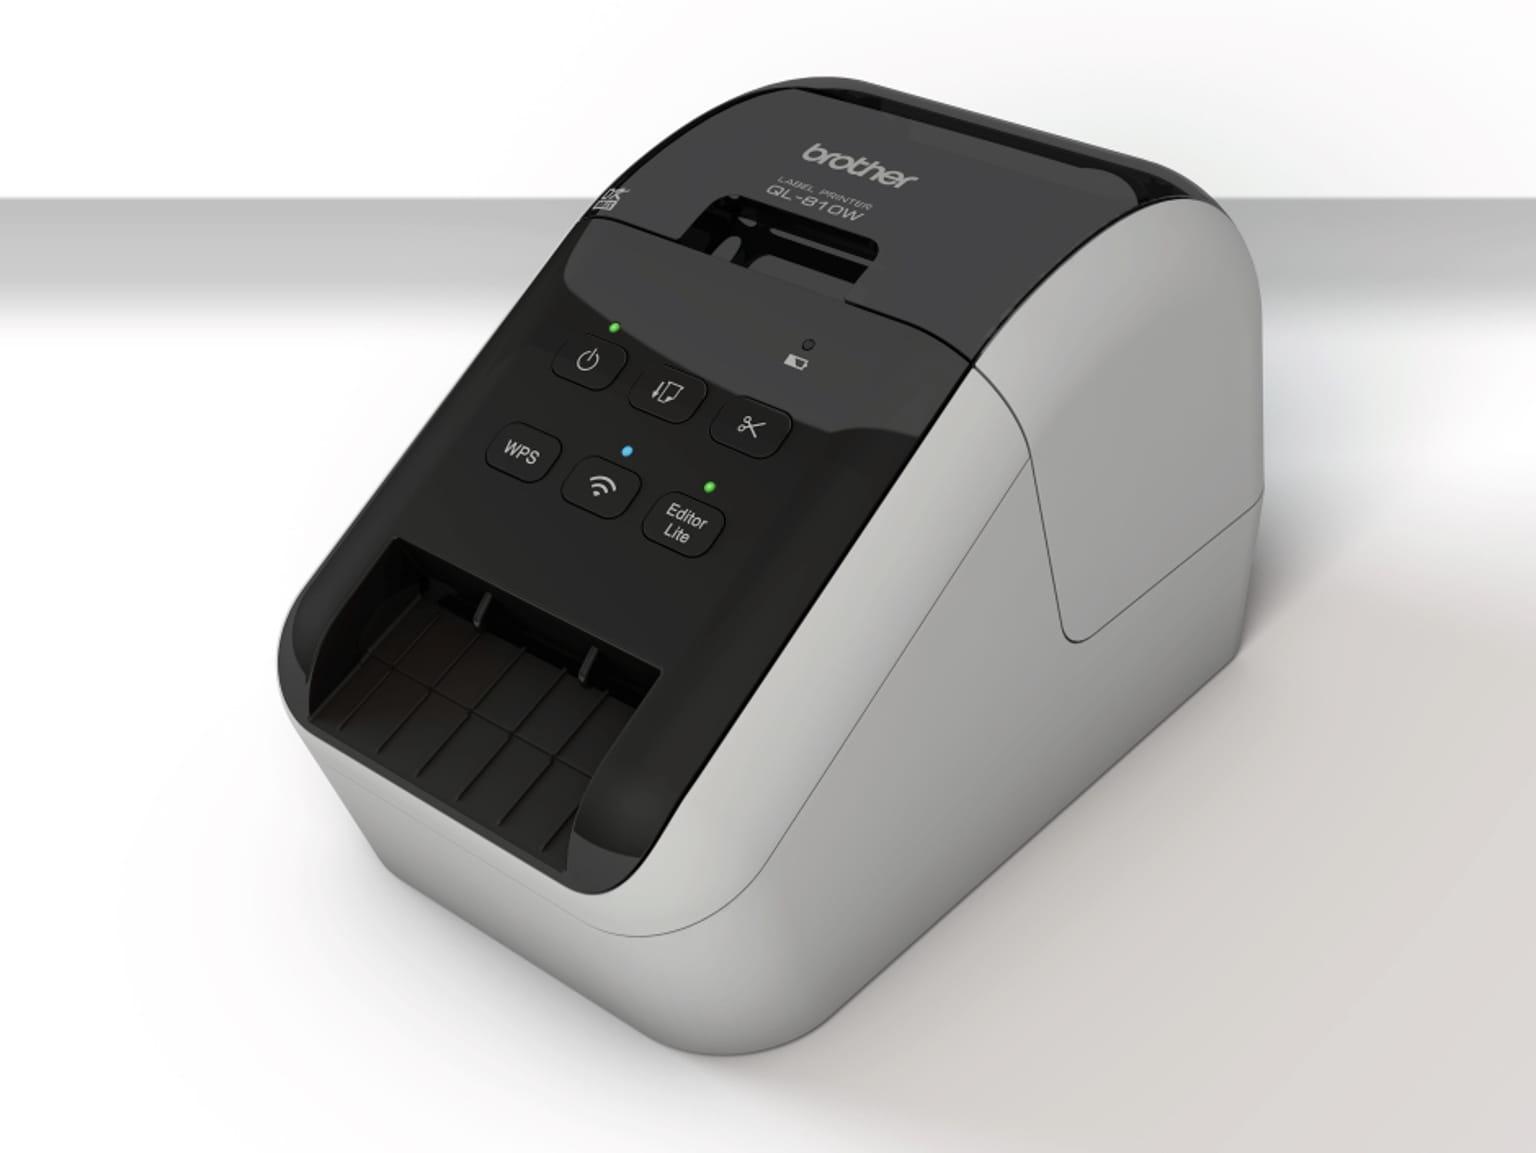 Impresoras de etiquetas brother - Impresoras para oficina ...